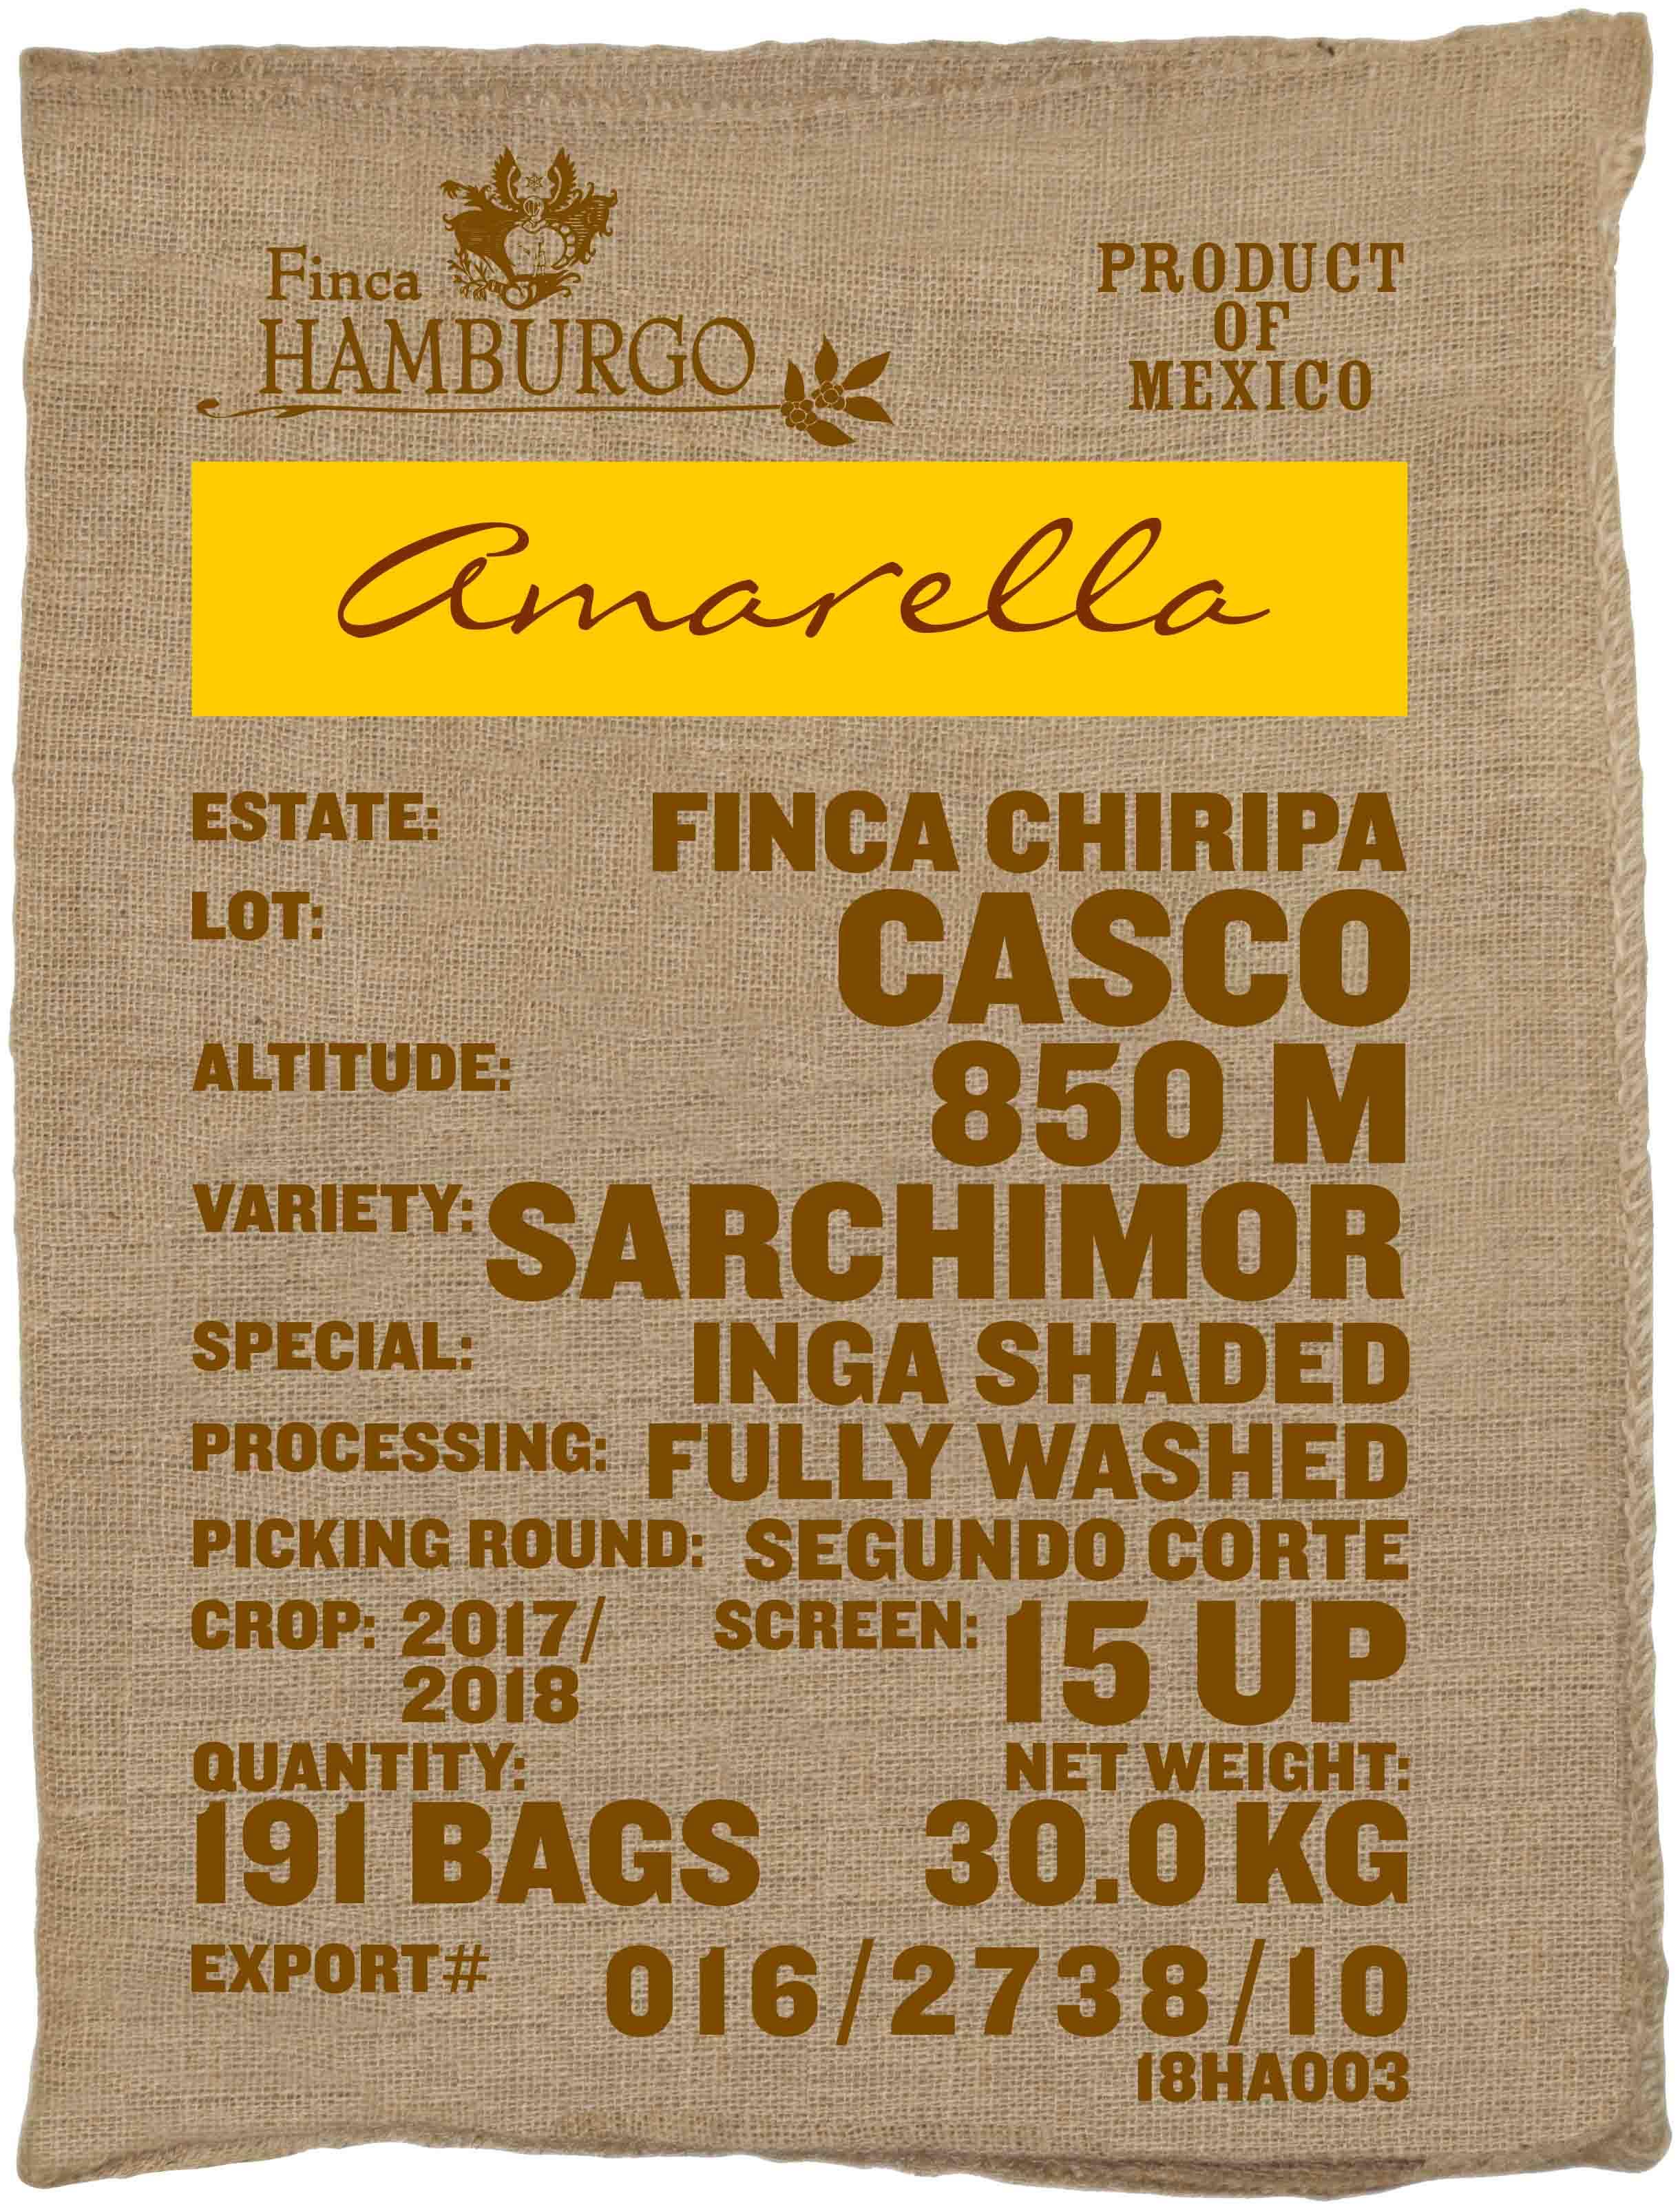 Ein Rohkaffeesack amarella Parzellenkaffee Varietät Sarchimor. Finca Chiripa Lot Casco.